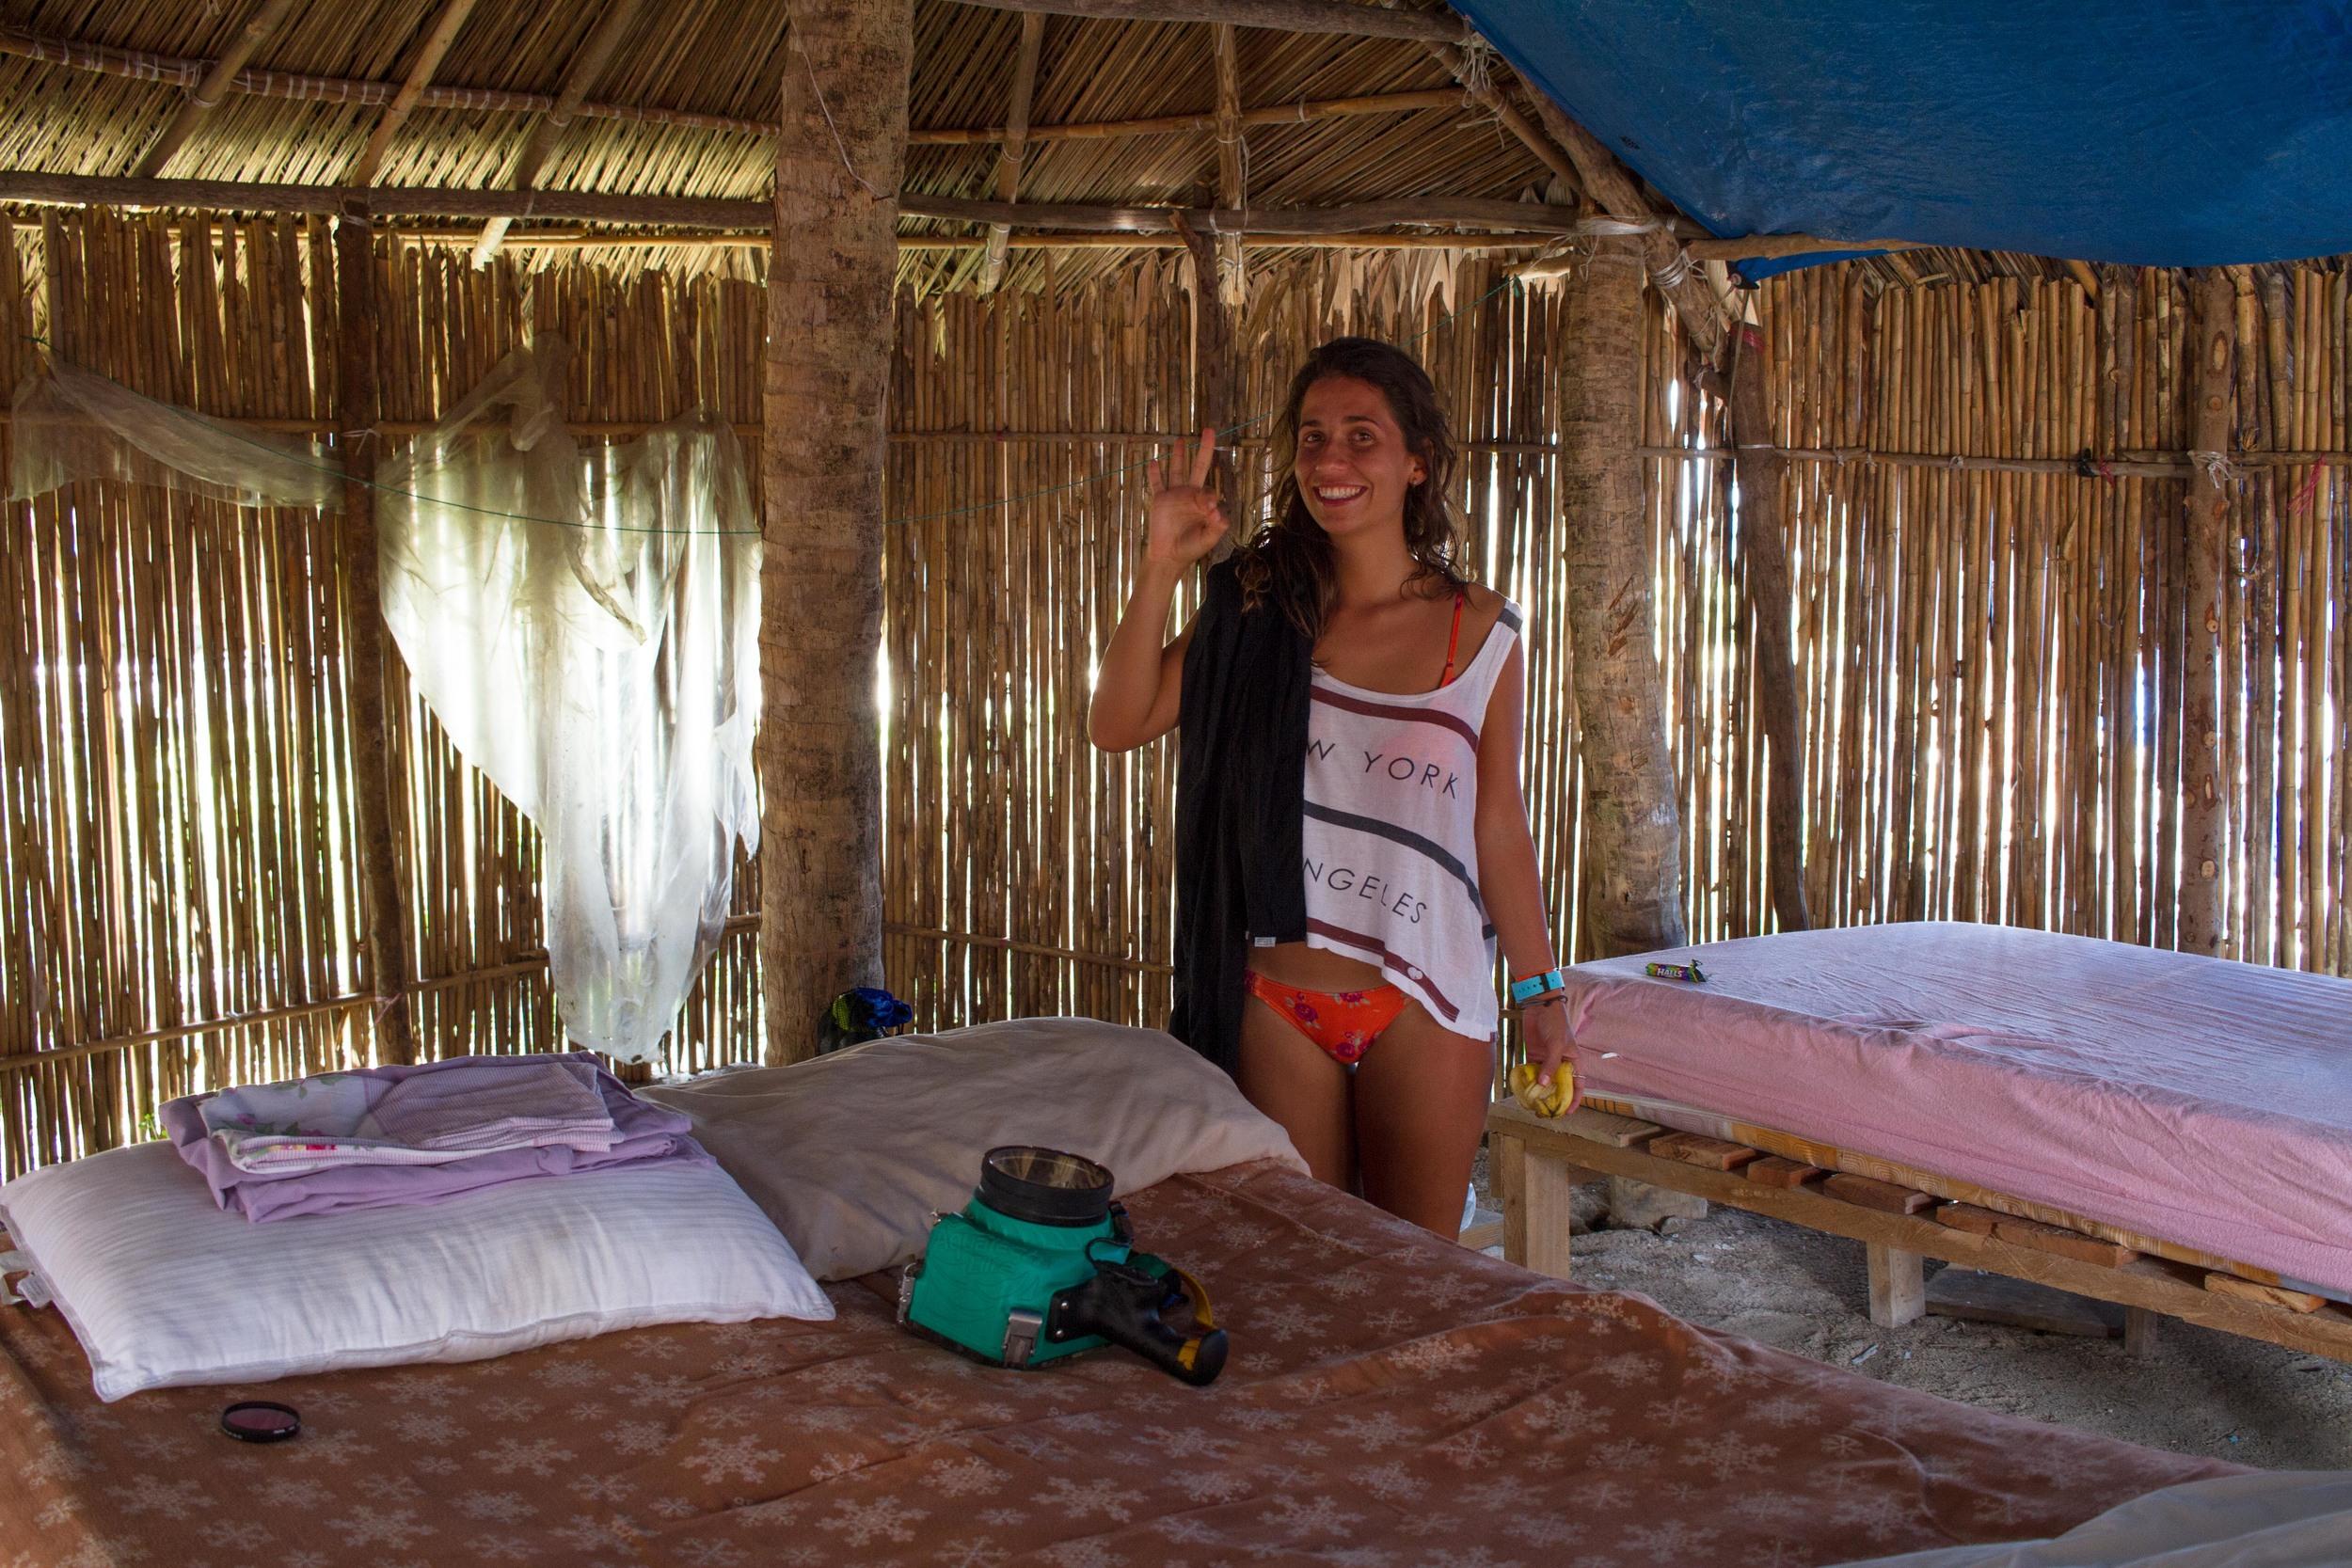 Nossa humilde residência na Isla Franklin! A caixa dorme na cama grande comigo e a Rê na outra, claro.